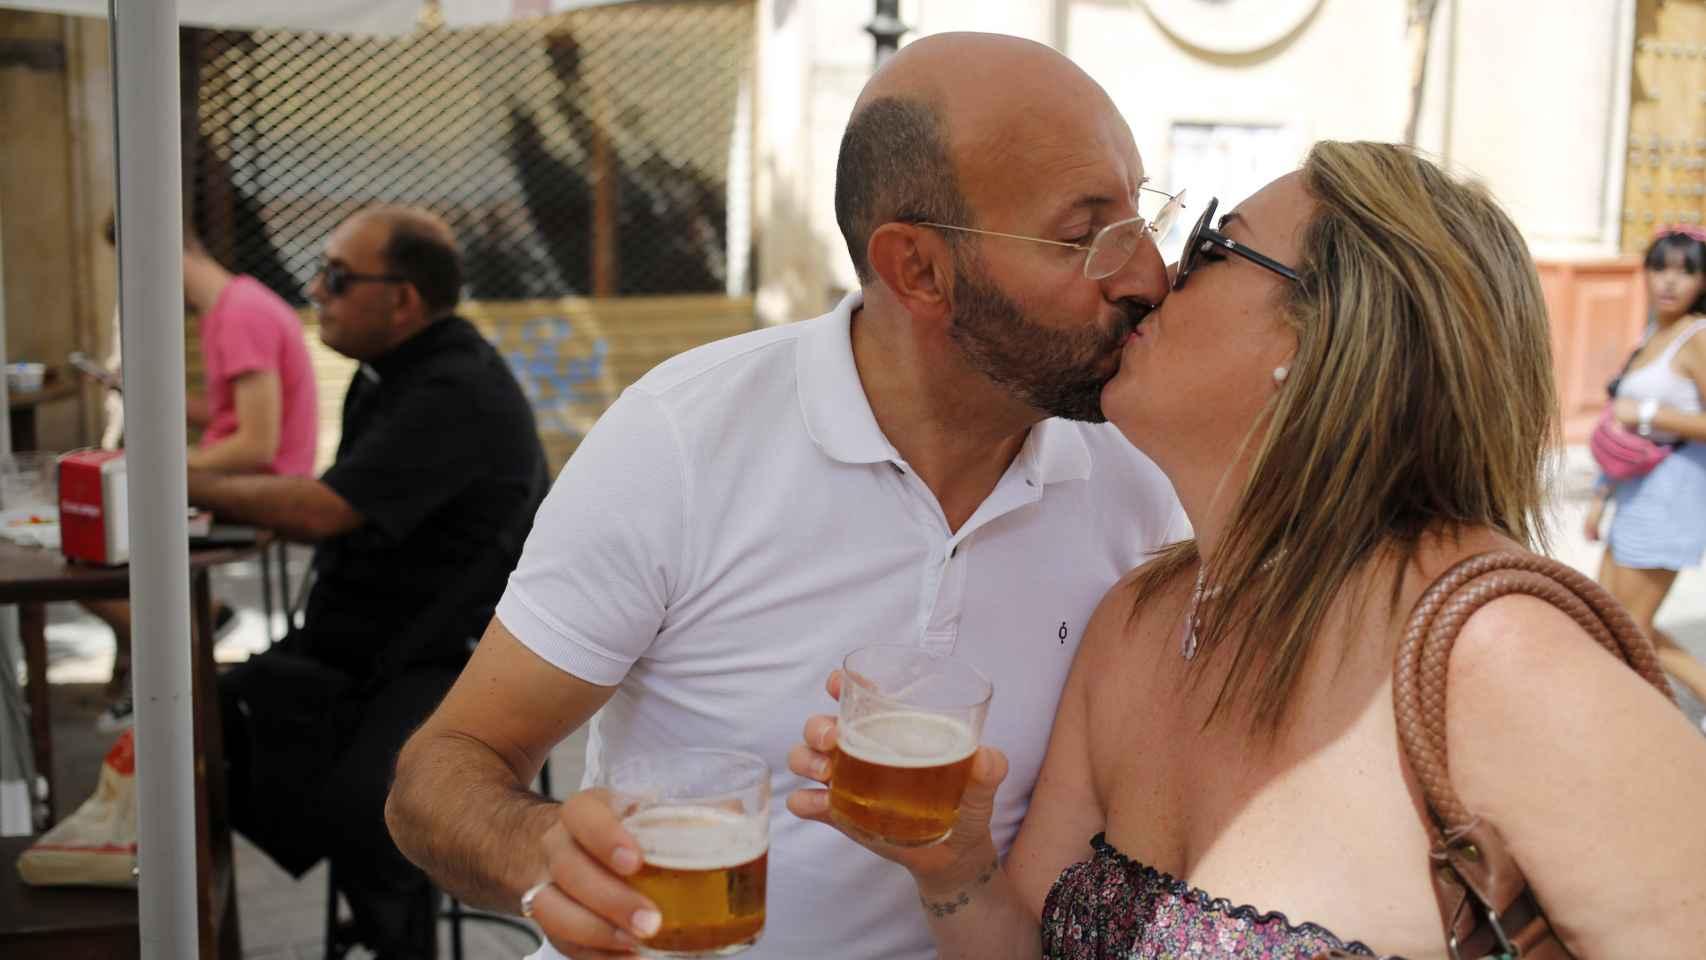 La pareja, que se casará el domingo, está muy enamorada